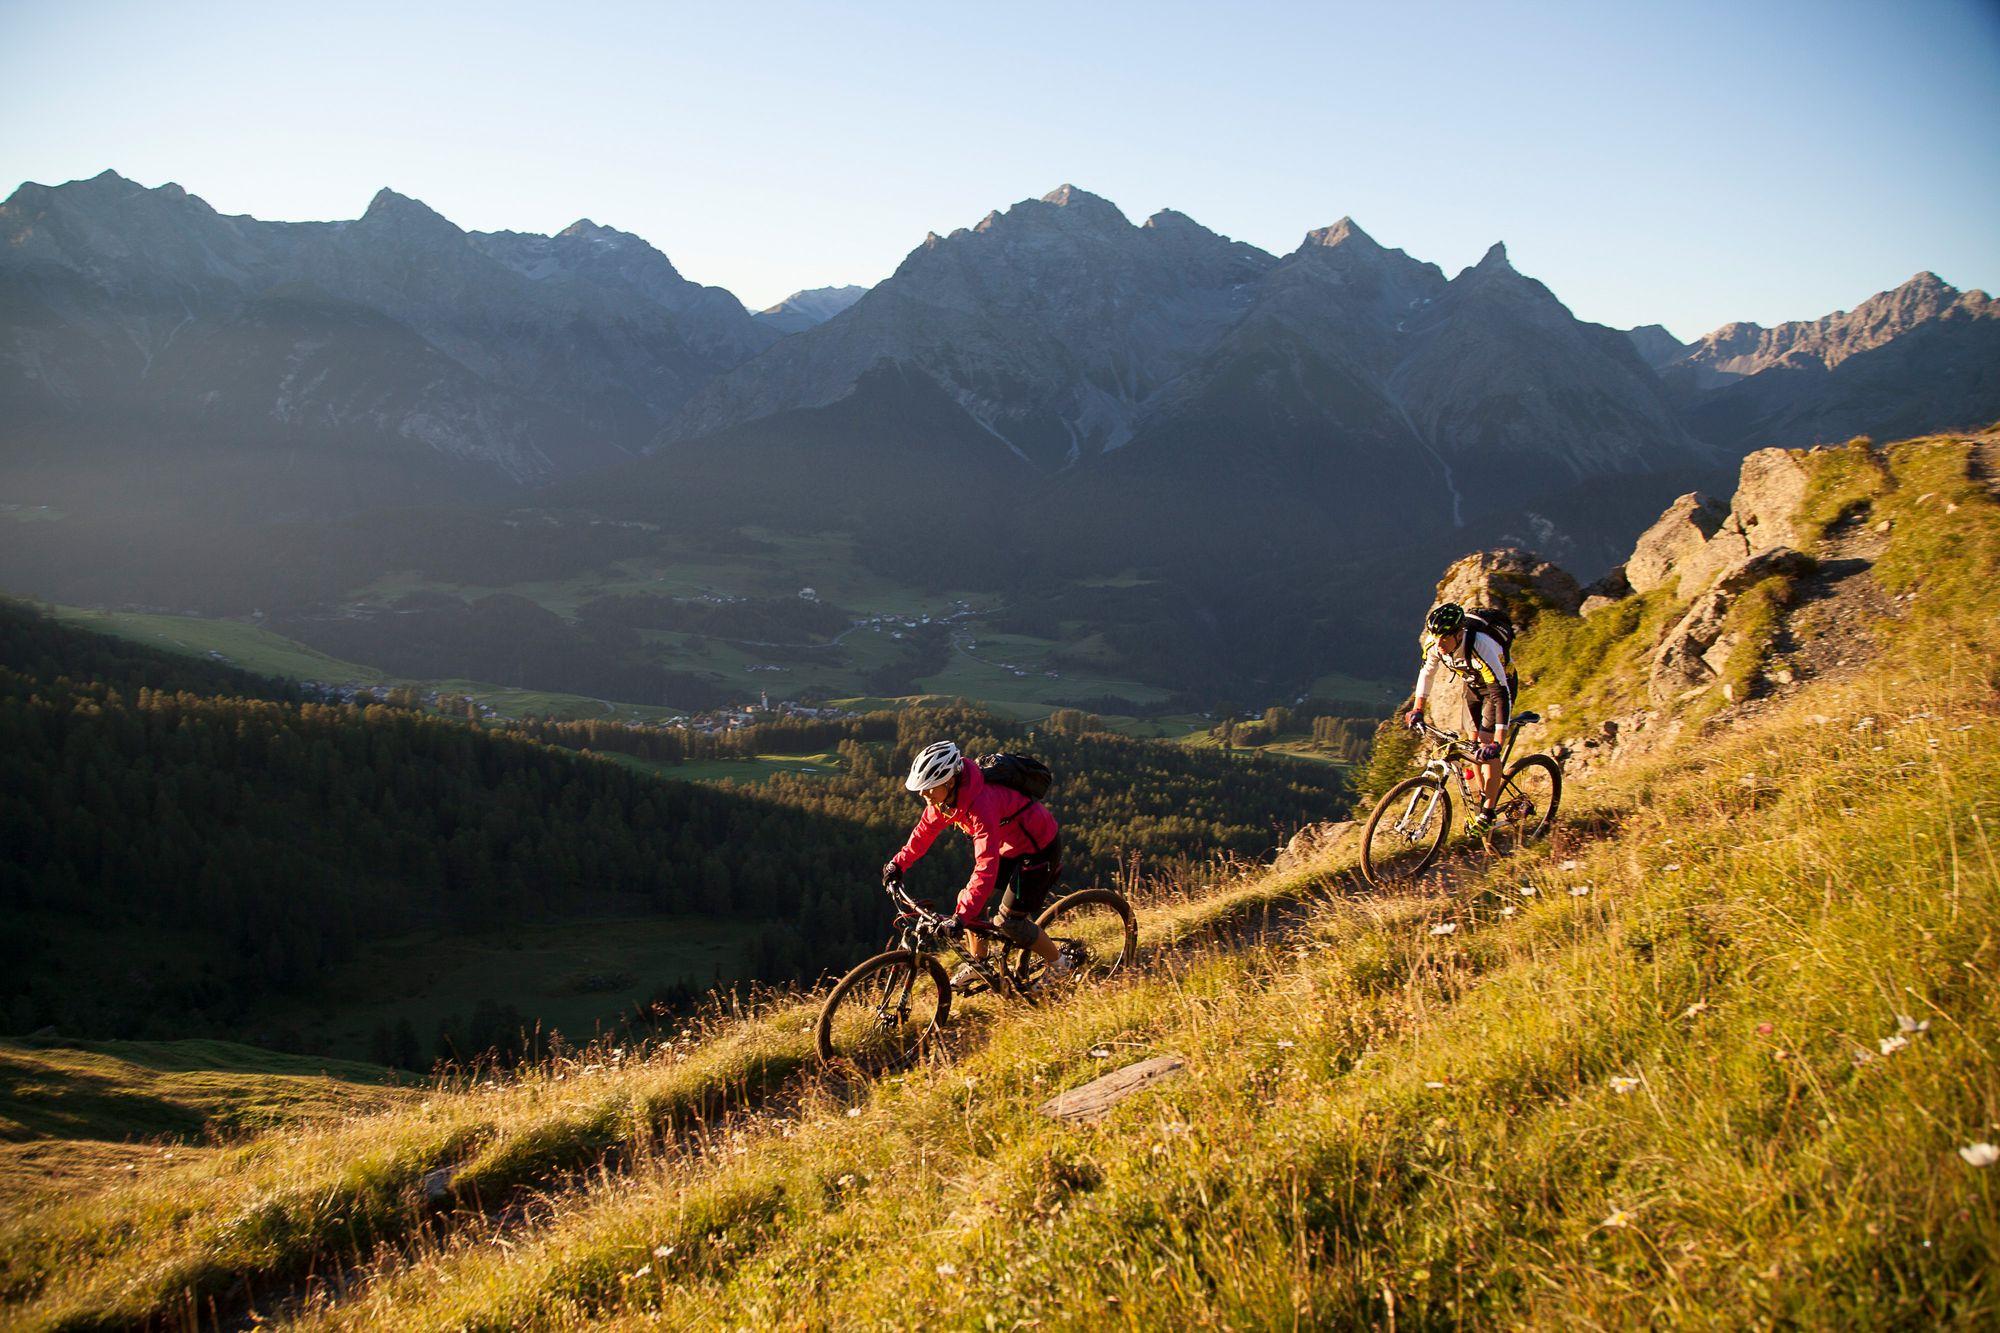 Fairtrail-Kampagne: Graubünden wirbt für Toleranz